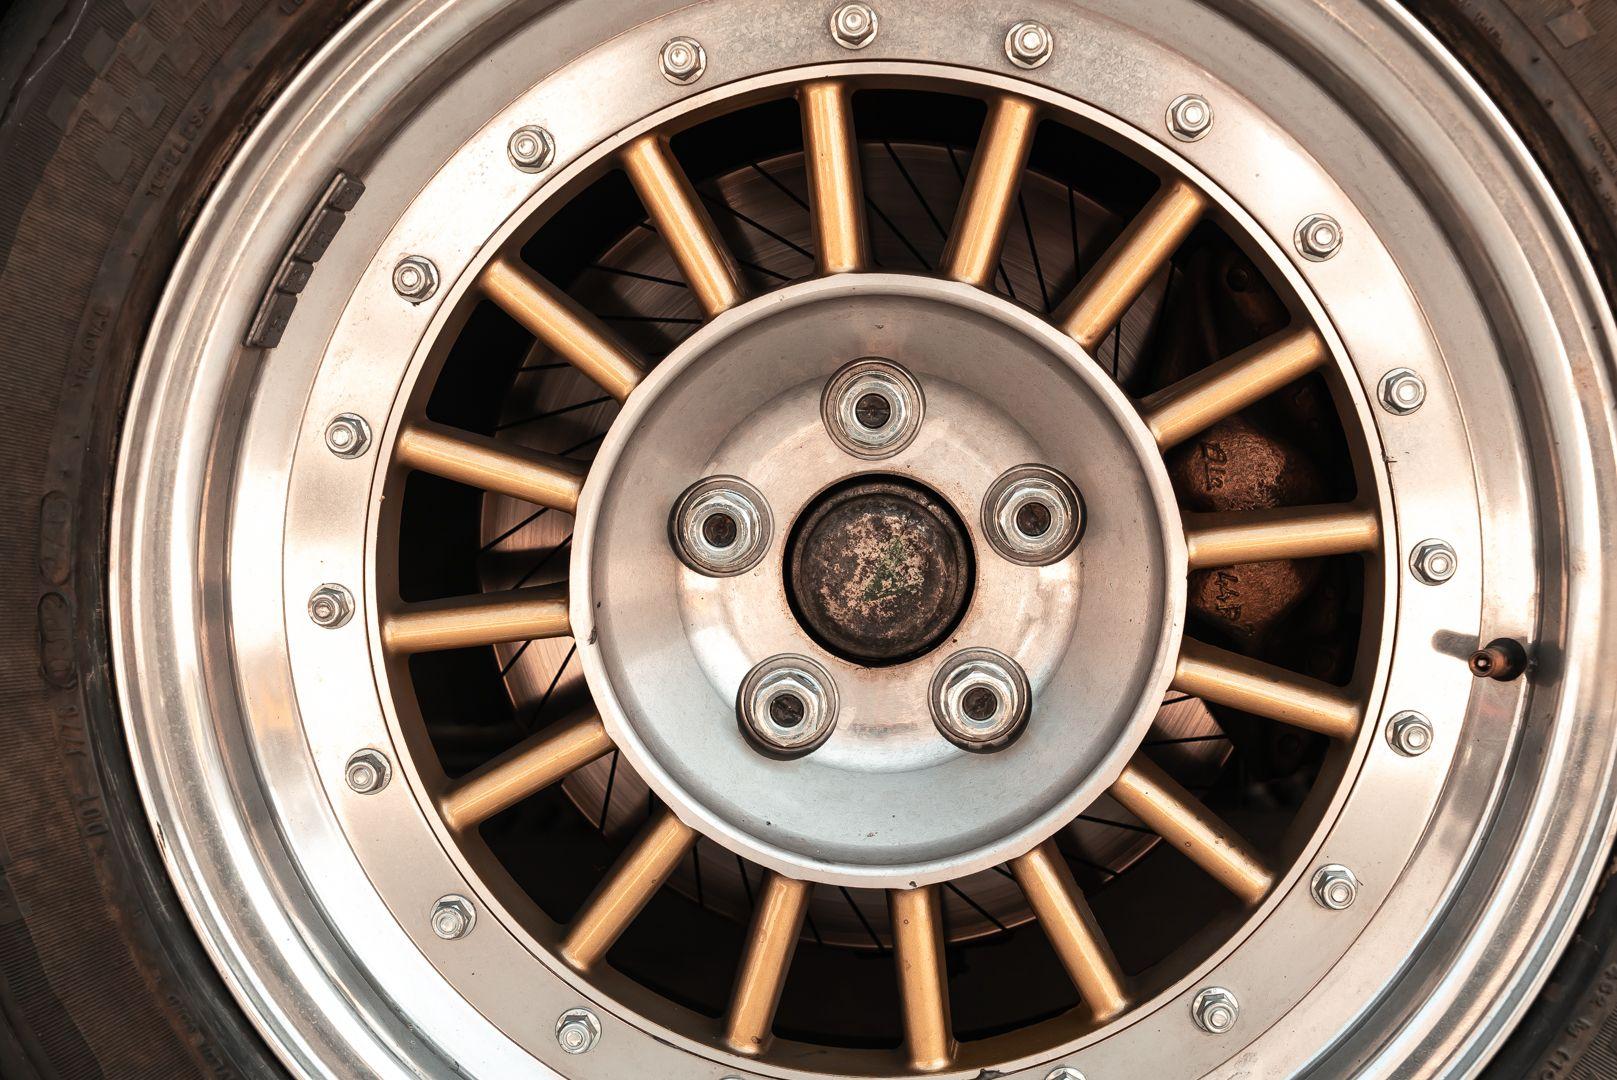 1981 Alfa Romeo GTV V6 2.5 Gr.2 Corsa 80100